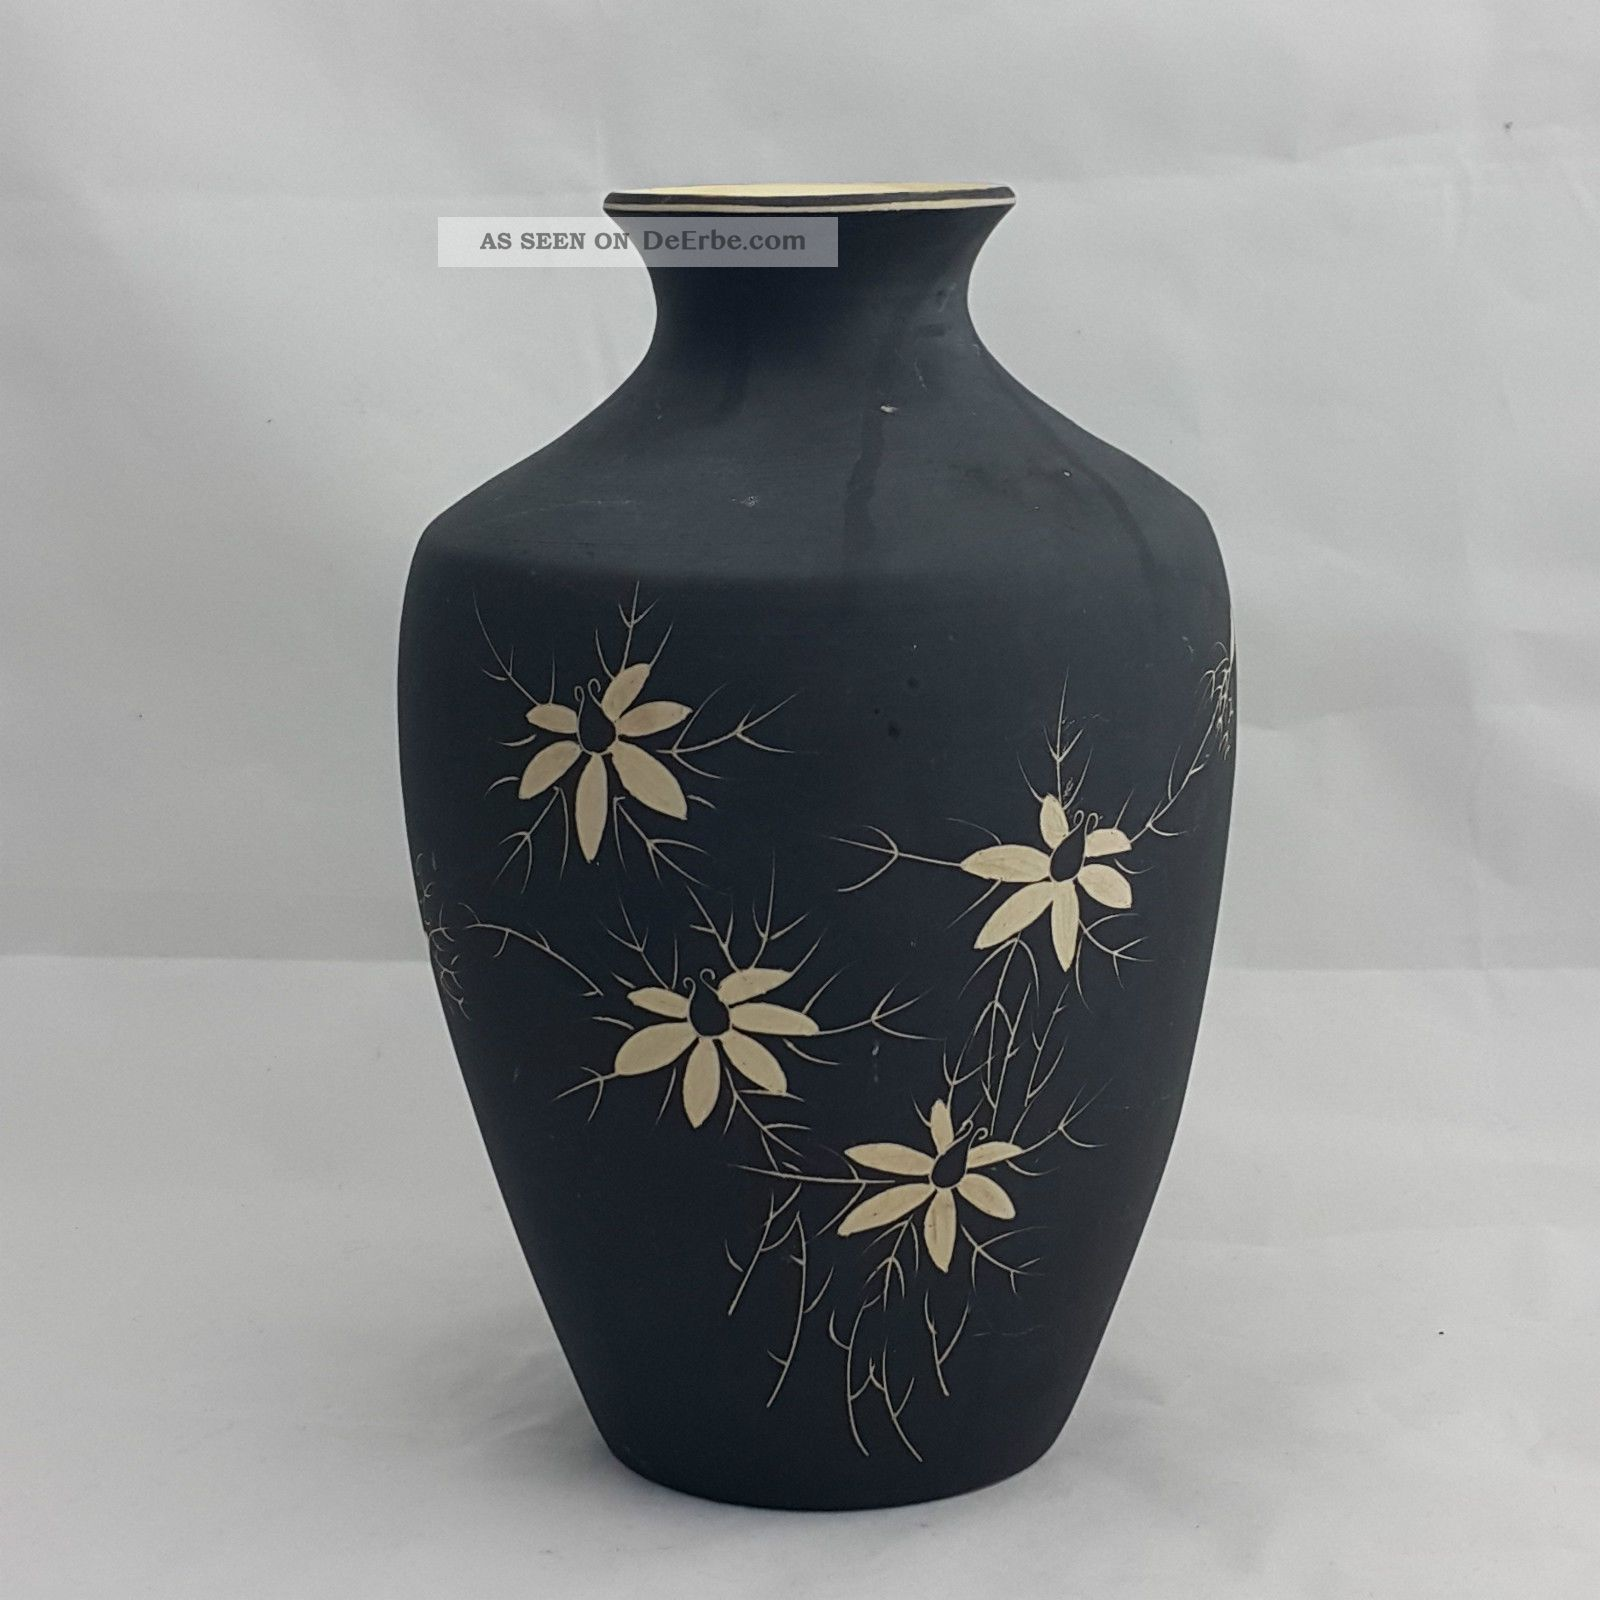 Vintage Keramik Vase Schwarz Matt Blütendekor Handarbeit Tolle Form Höhe 22,  5cm Nach Stil & Epoche Bild